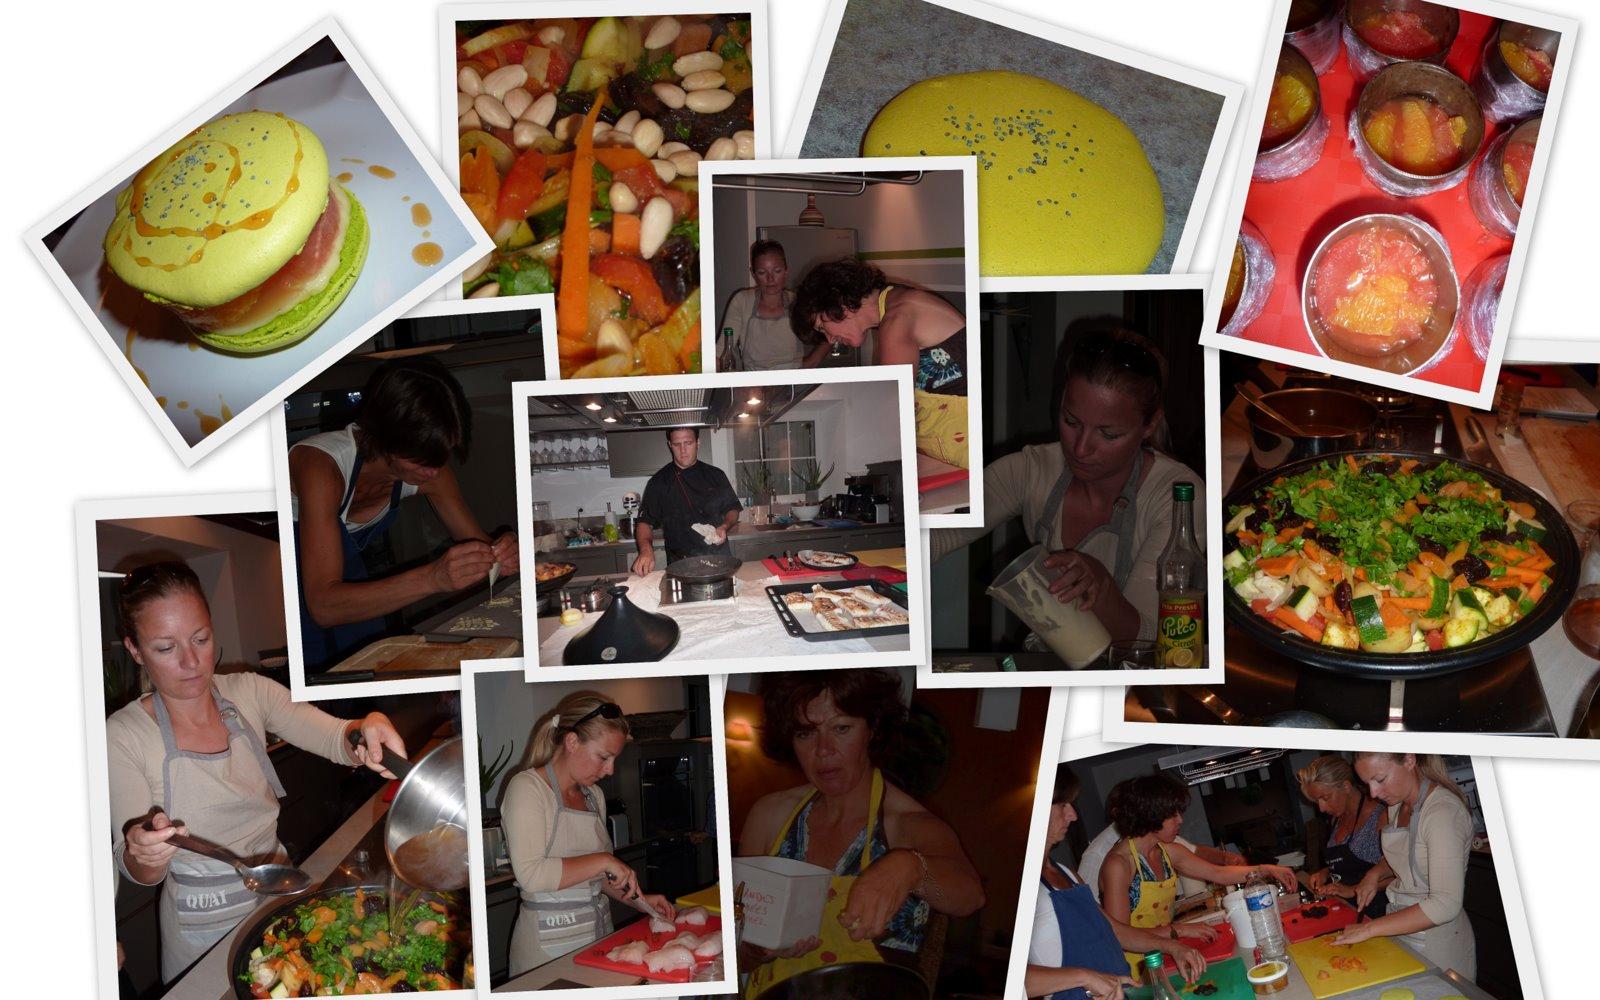 Le progr s septembre 2010 - Cour de cuisine a domicile ...